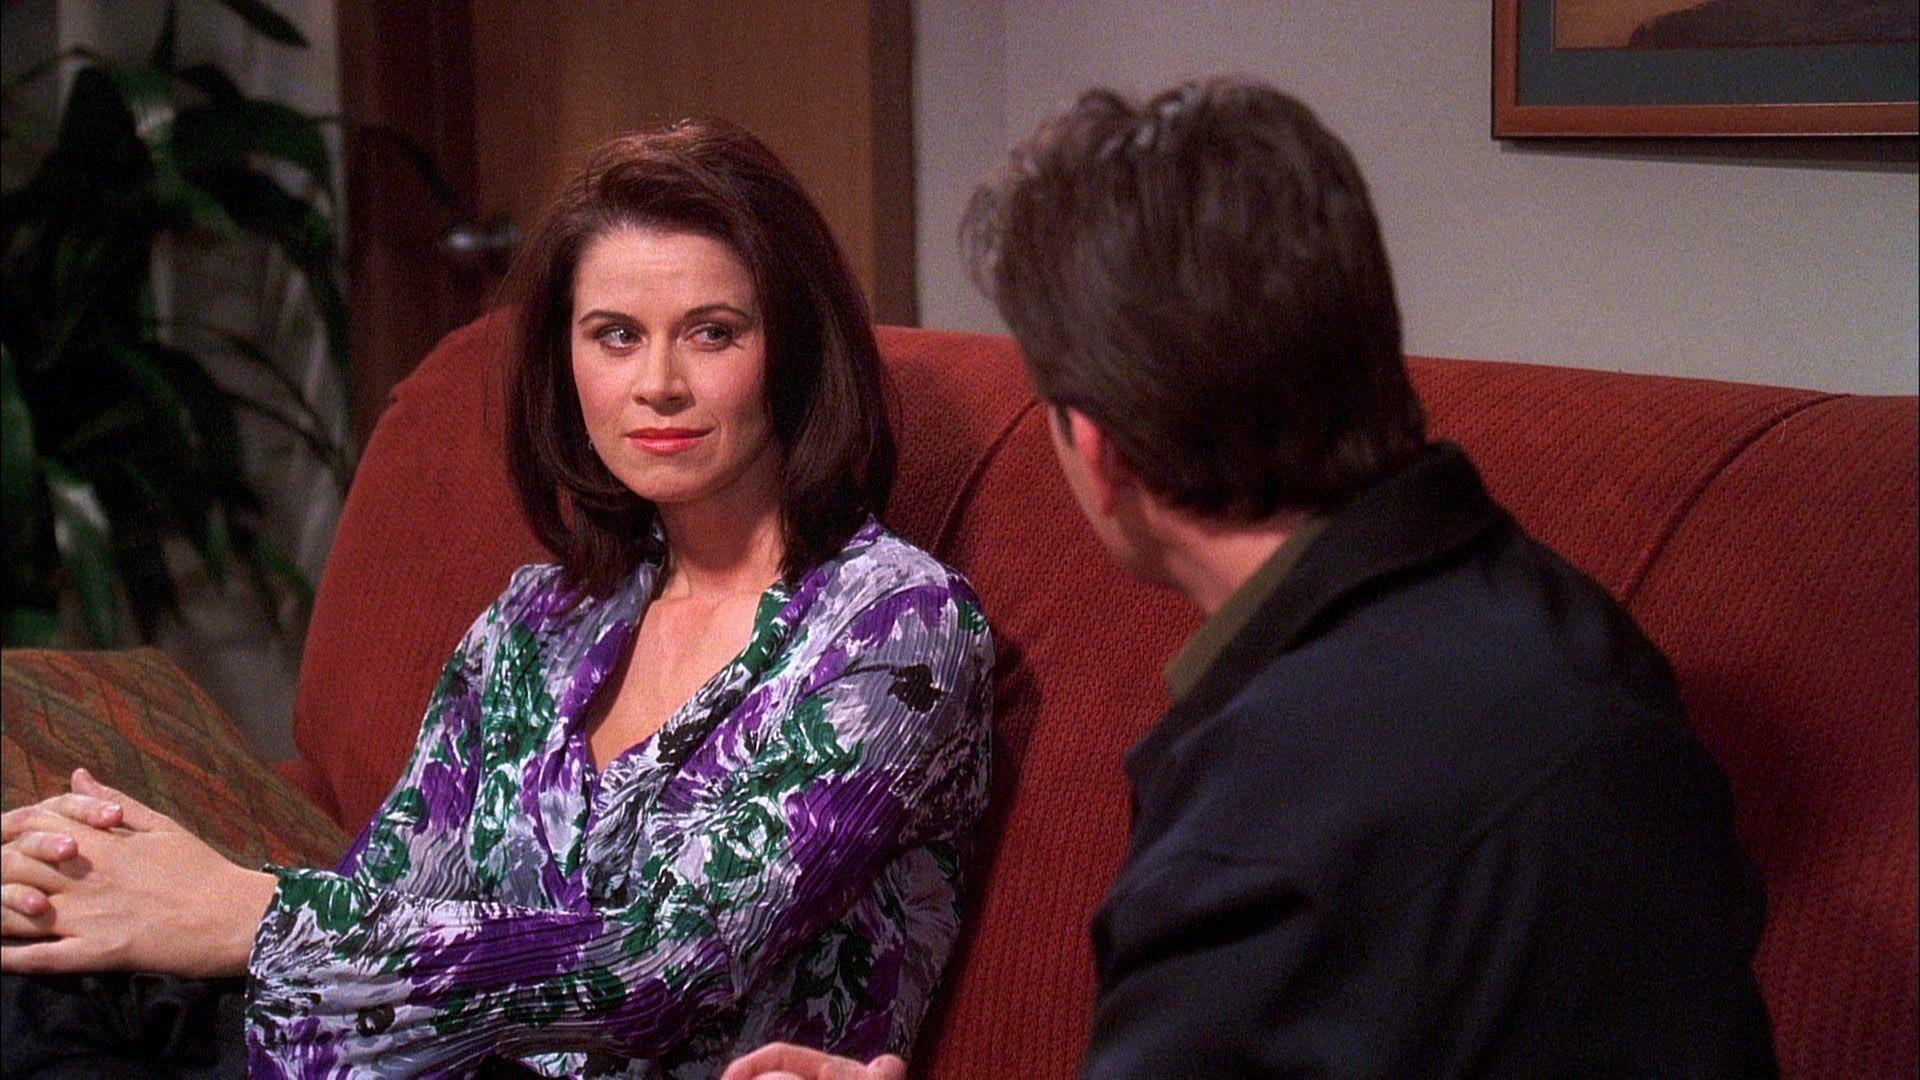 Ting å vite før dating en Steinbukken kvinne